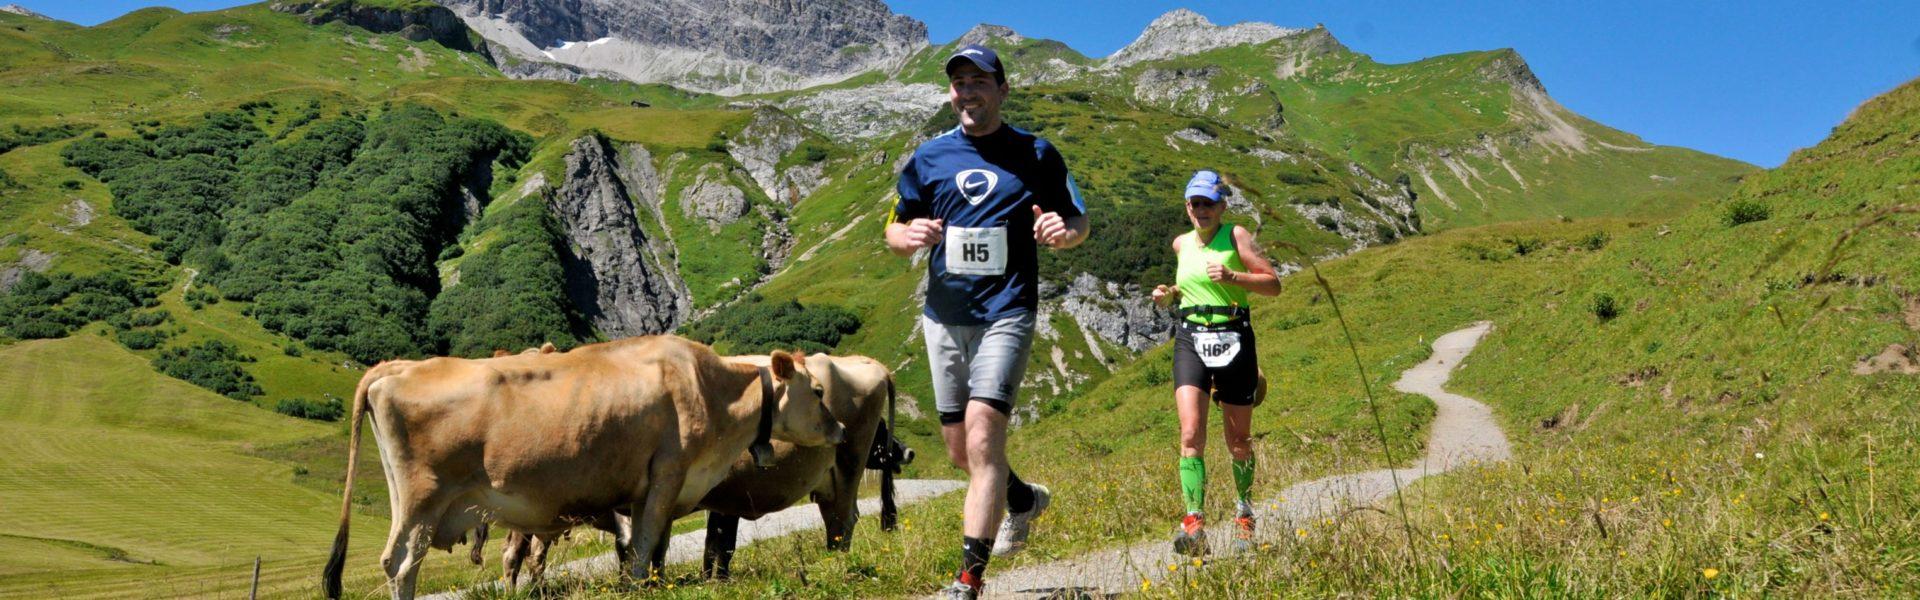 Höhenhalbmarathon im Höhenlaufpark in Lech Zürs am Arlberg (c) Lech Zürs am Arlberg